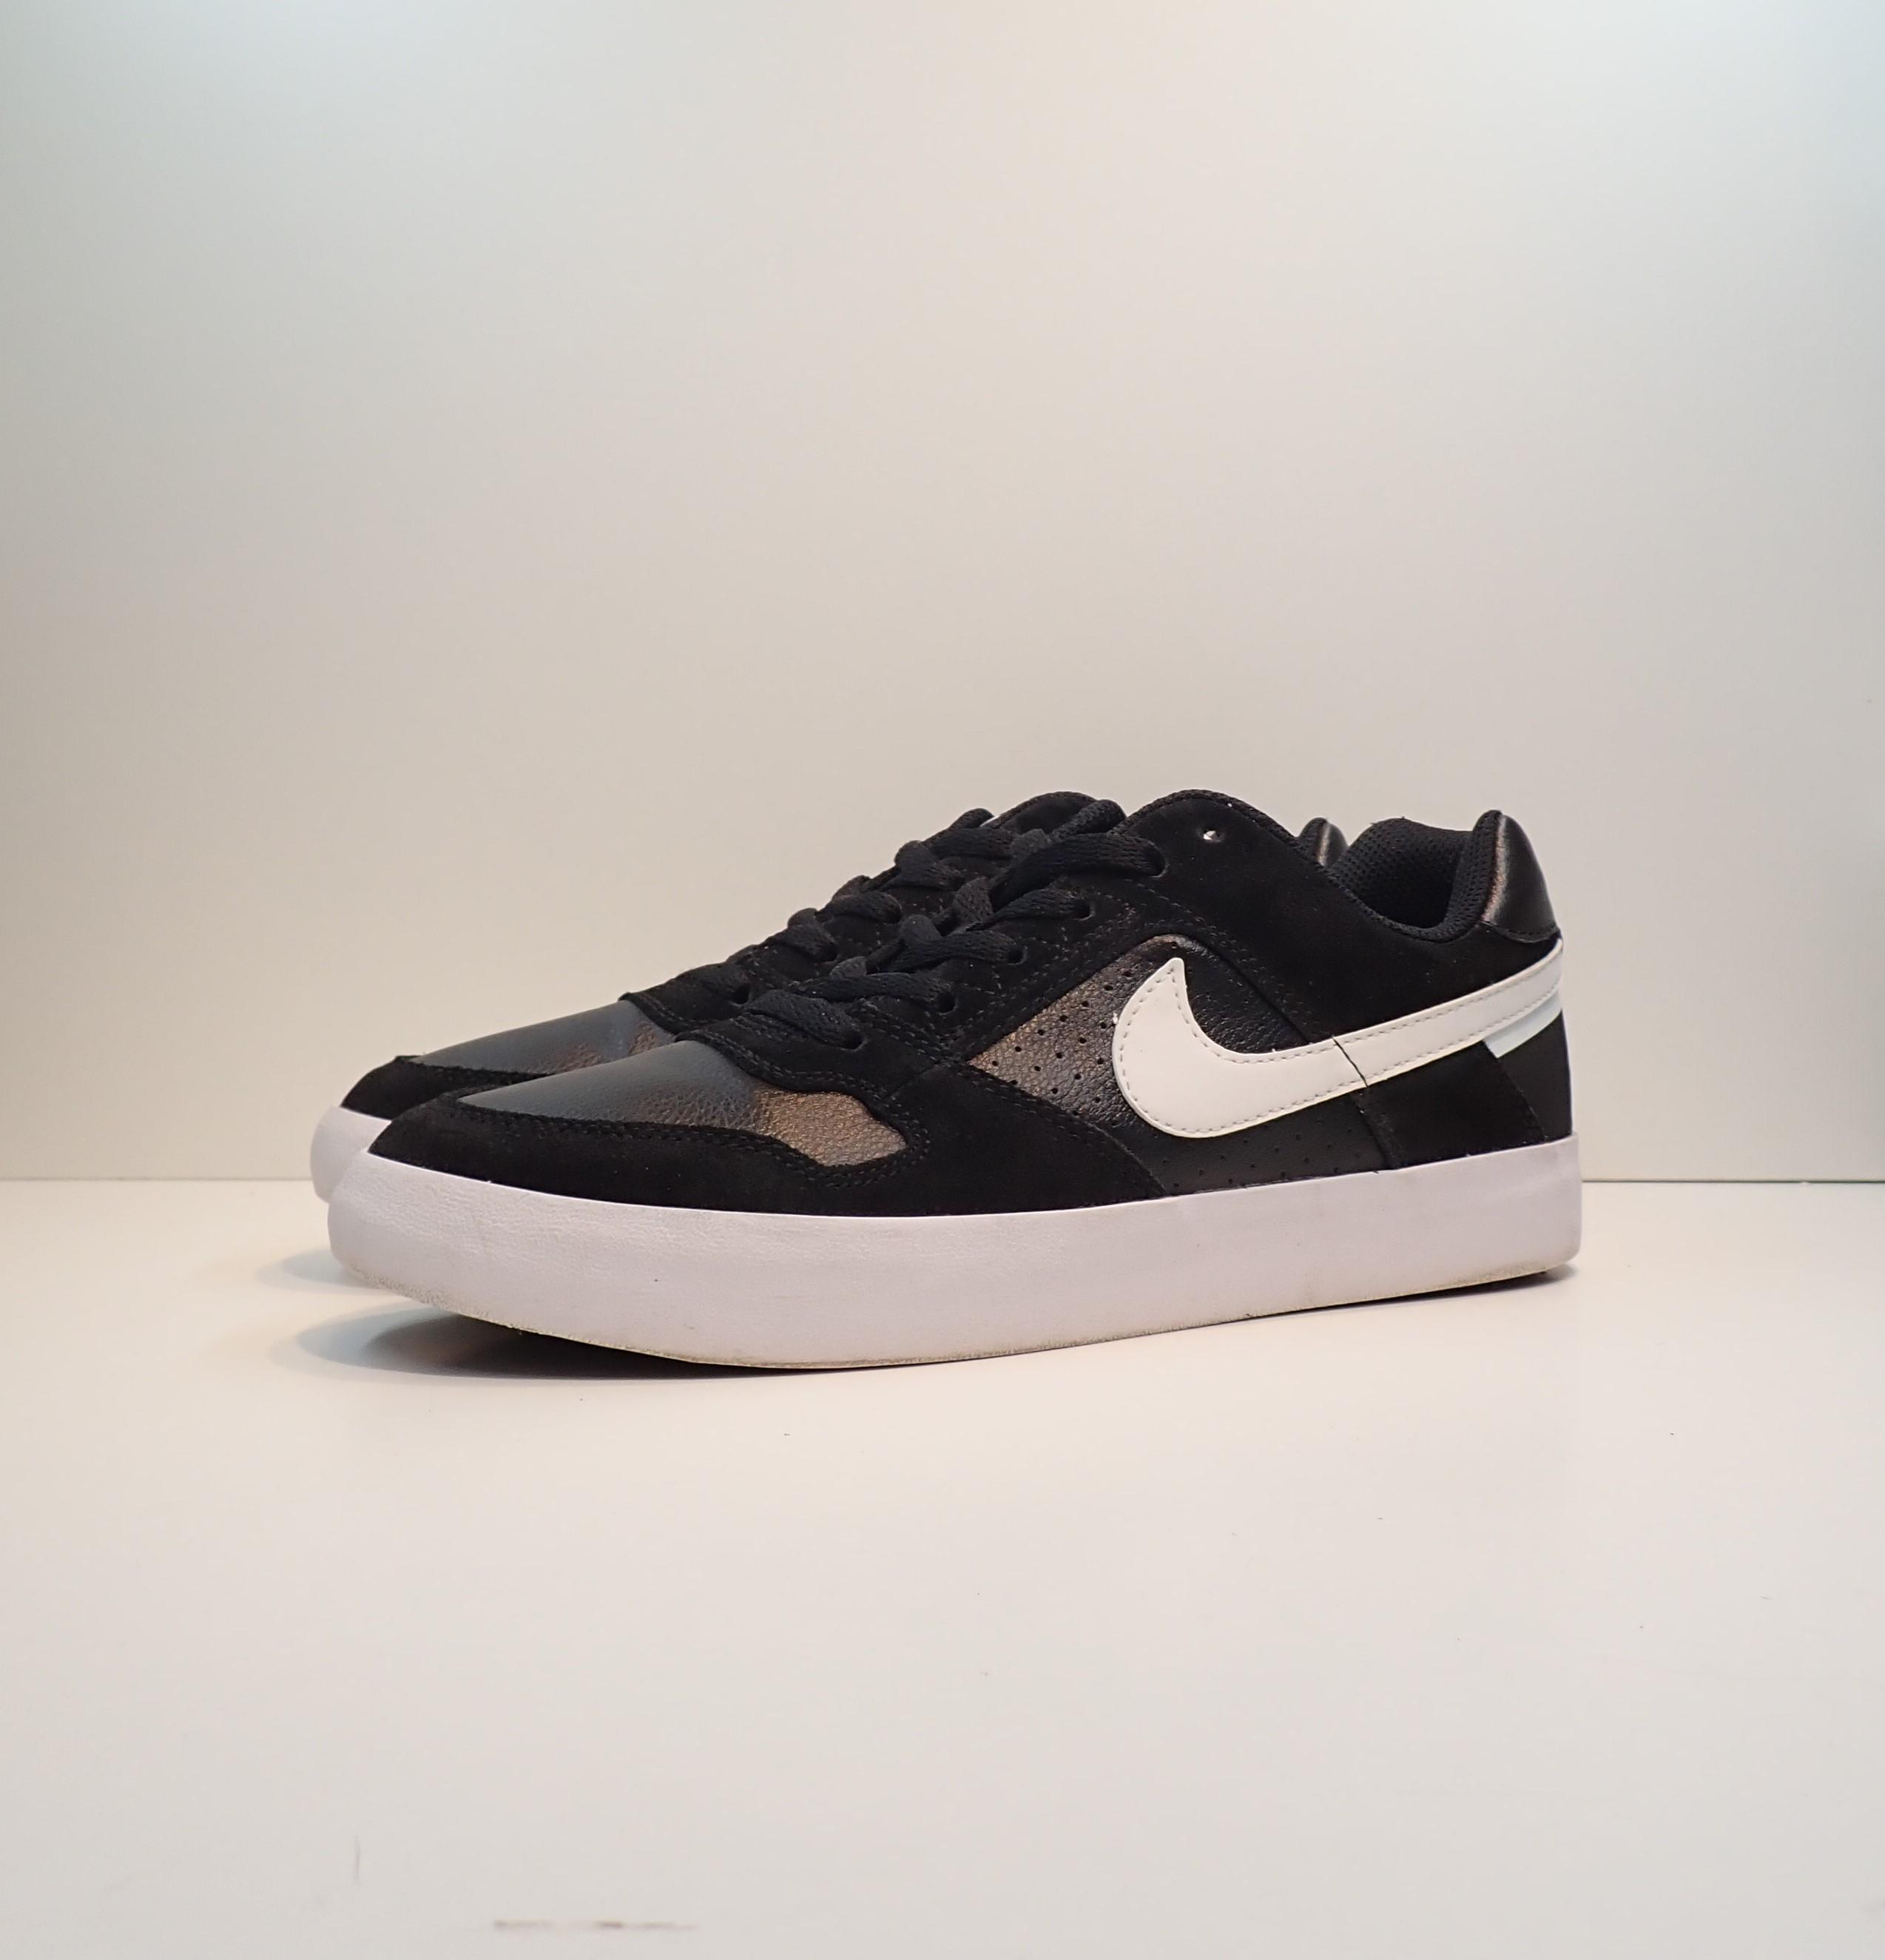 Nike SB Delta Force Vulc Black